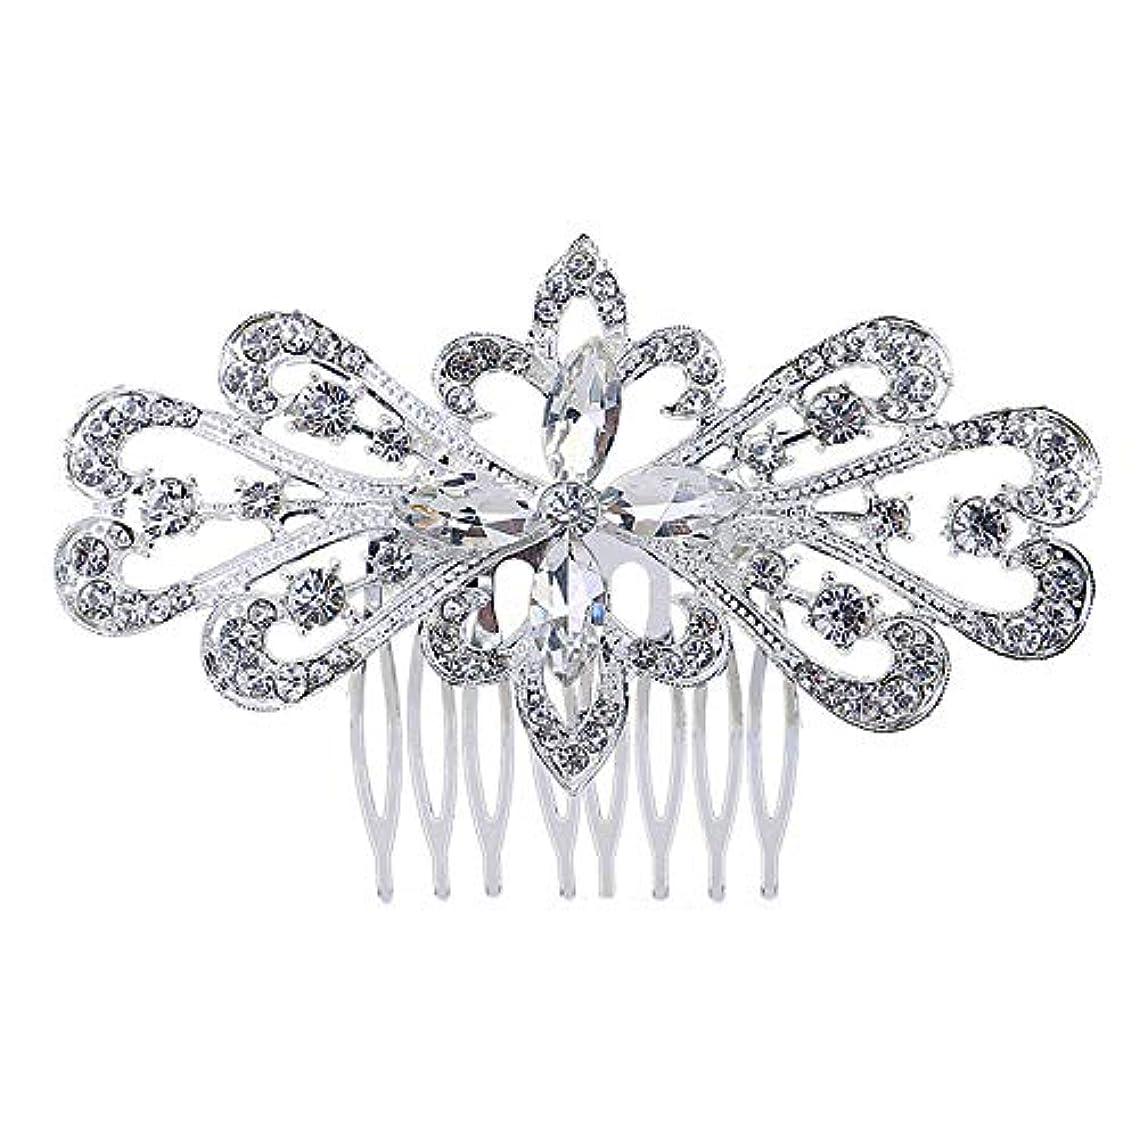 部族直径使役髪の櫛の櫛の櫛の花嫁の髪の櫛の花の髪の櫛のラインストーンの挿入物の櫛の合金の帽子の結婚式のアクセサリー